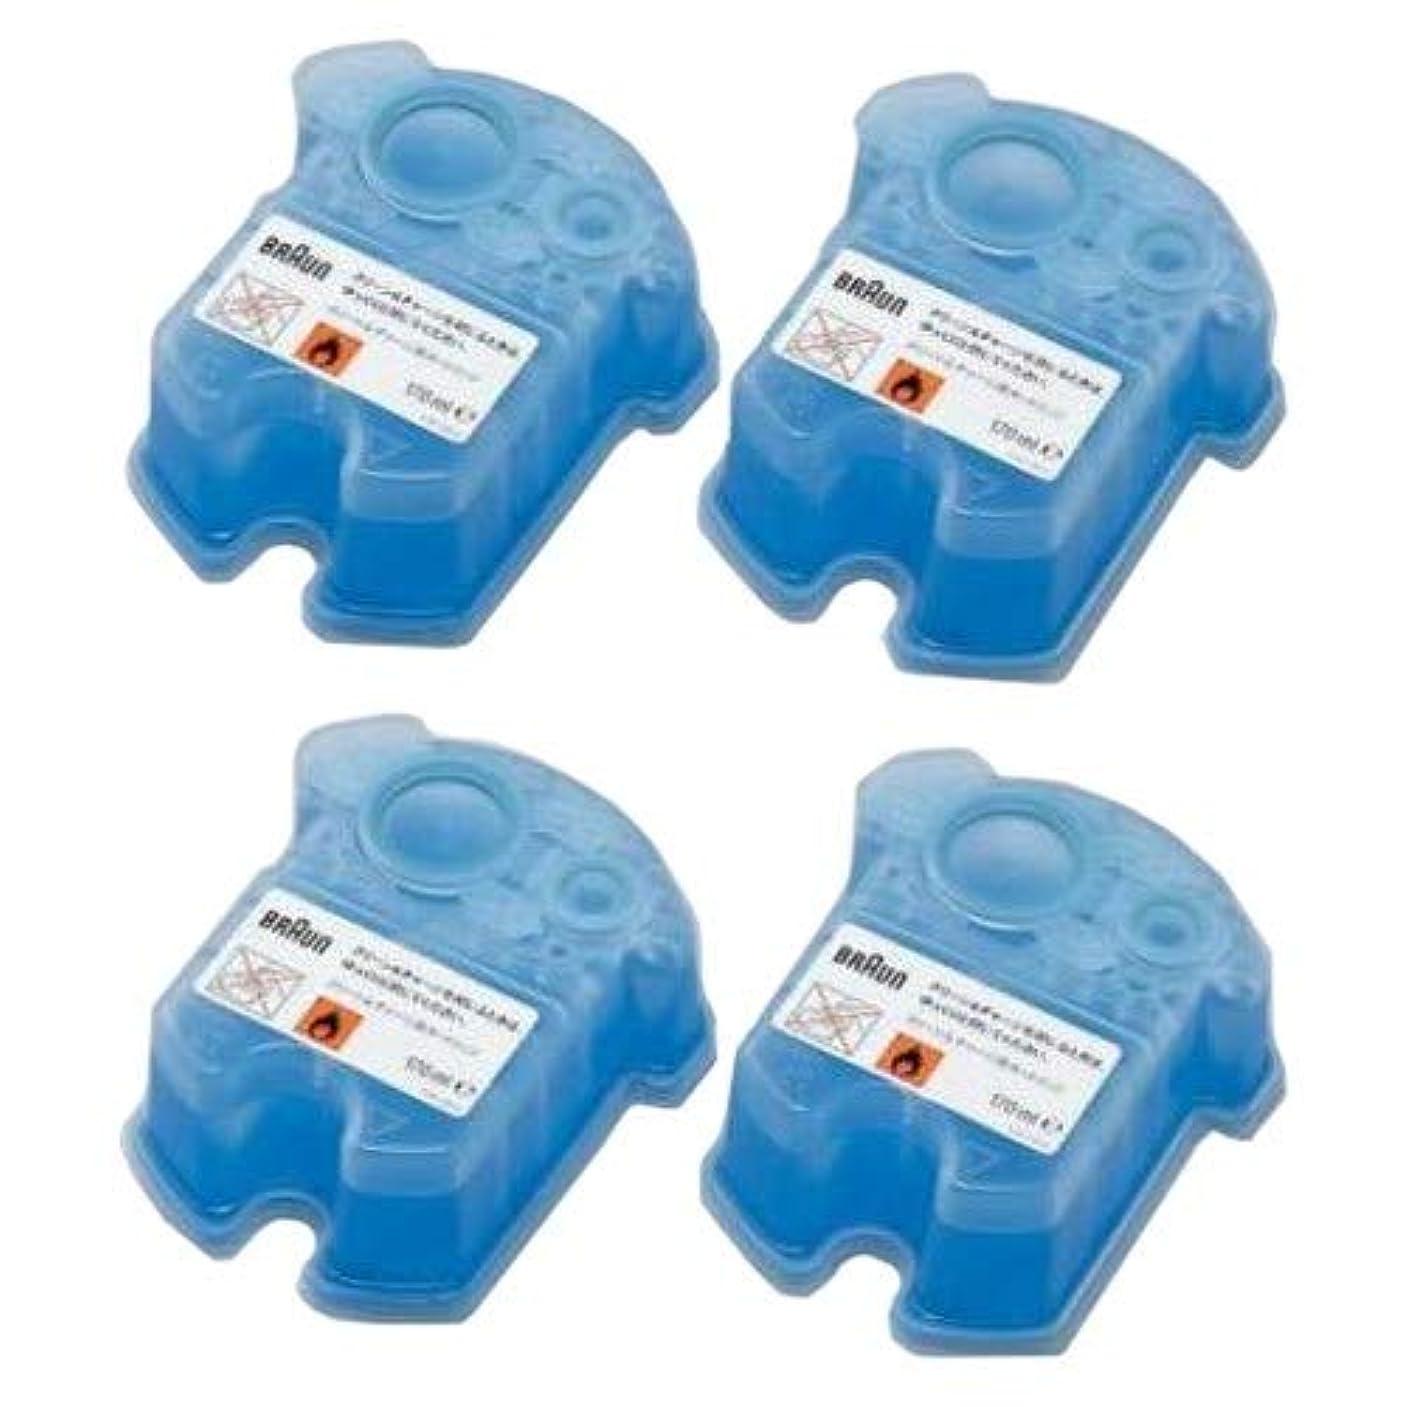 意志計画的気づくなる【2セット】ブラウン メンズシェーバー アルコール洗浄システム専用洗浄液カートリッジ (4個入×2セット)(計8個) CCR4CR-2SET